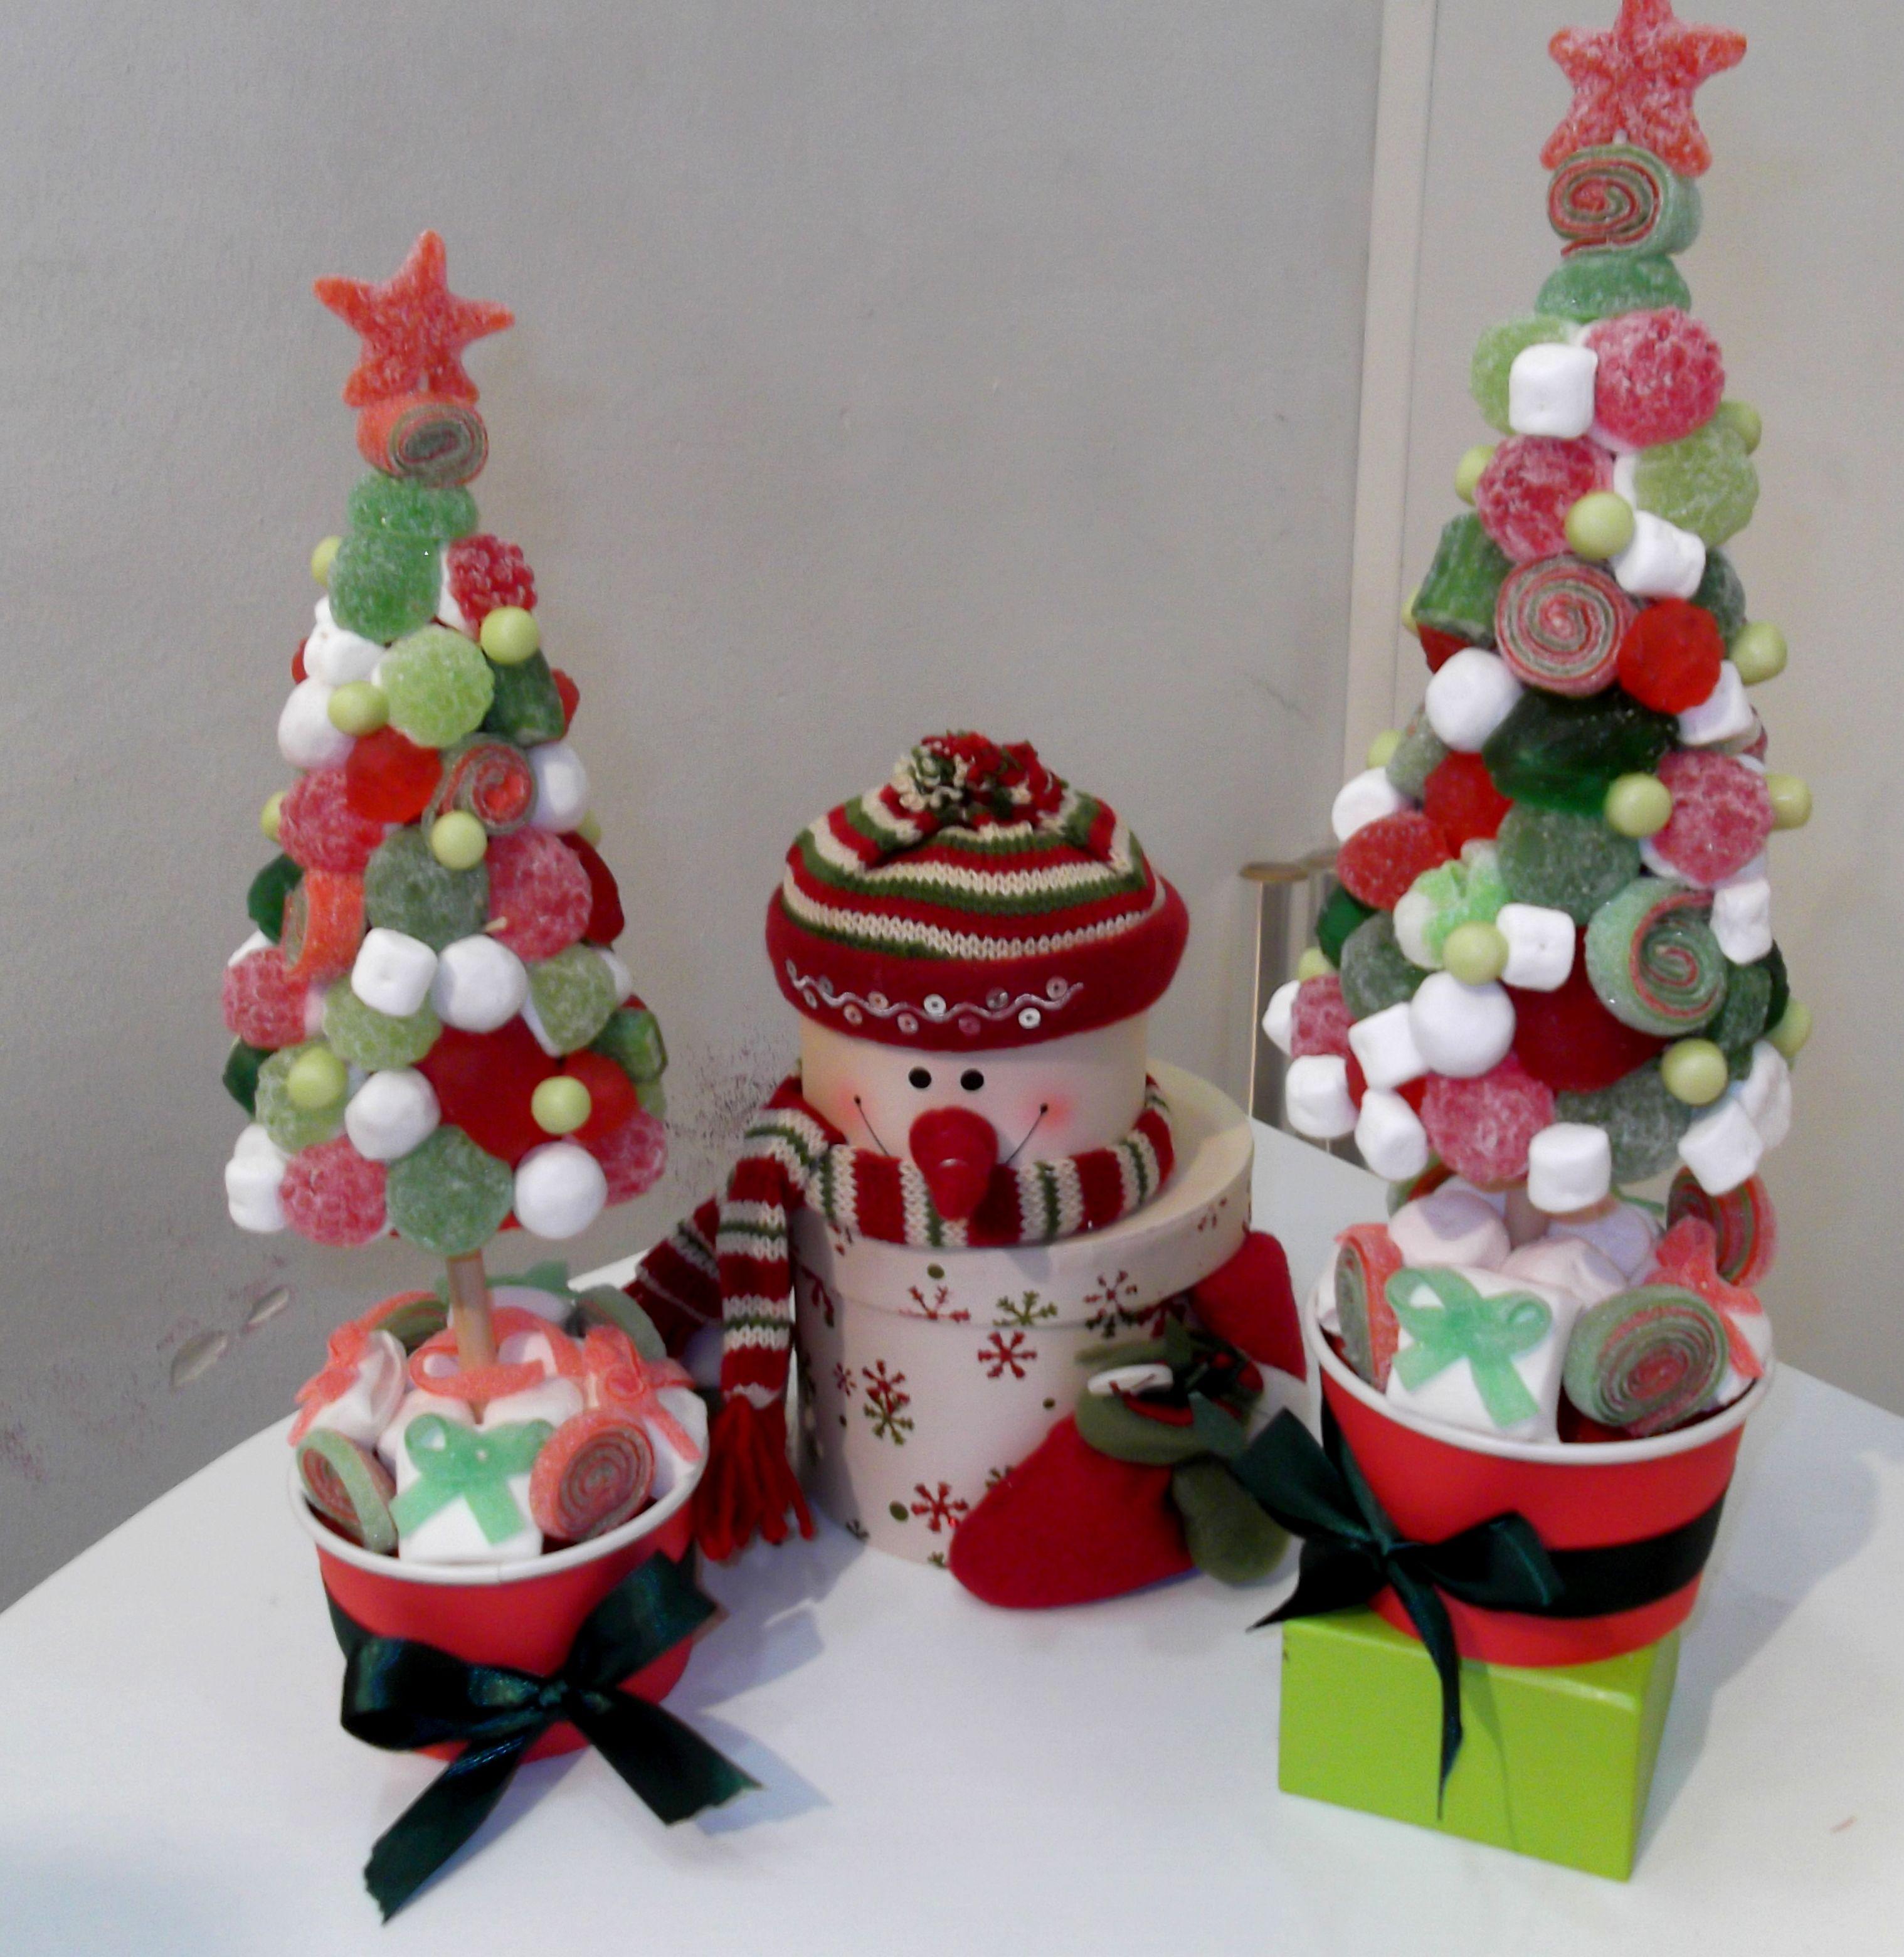 Arbolitos de chuches regalos navide os pinterest - Adornos de mesa navidenos ...